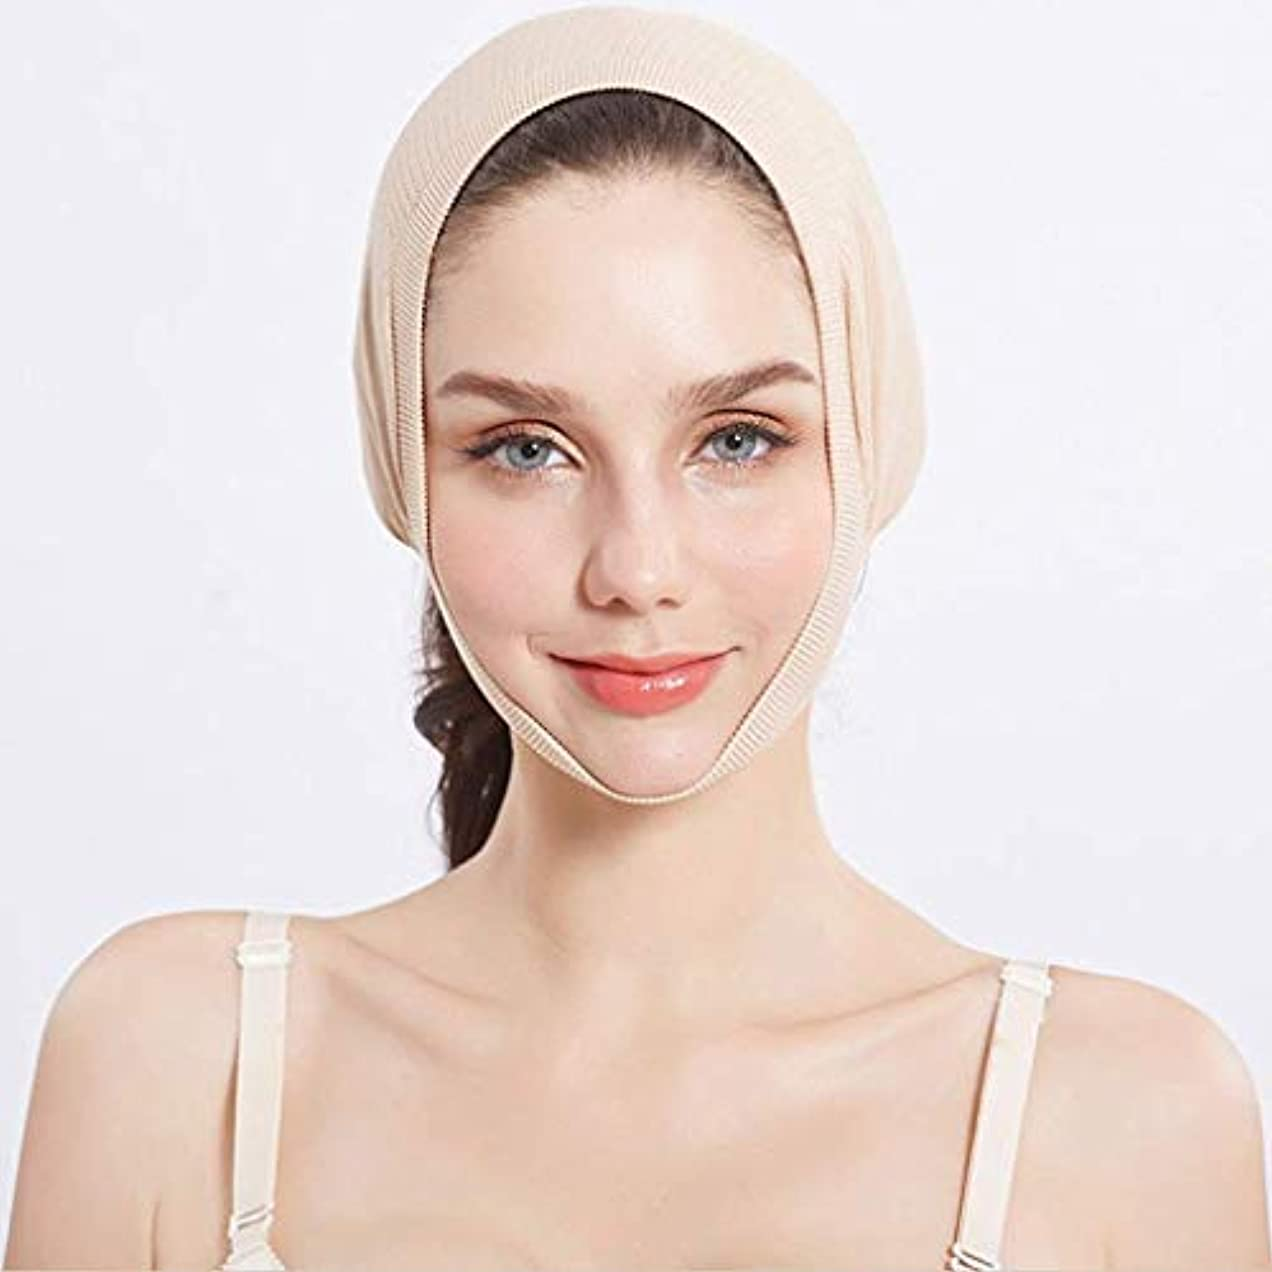 プロポーショナル確立しますドライブHUYYA 女性の顔を持ち上げるベルト、しわ防止包帯 Vライン頬 二重あごの減量顔,Flesh_Medium